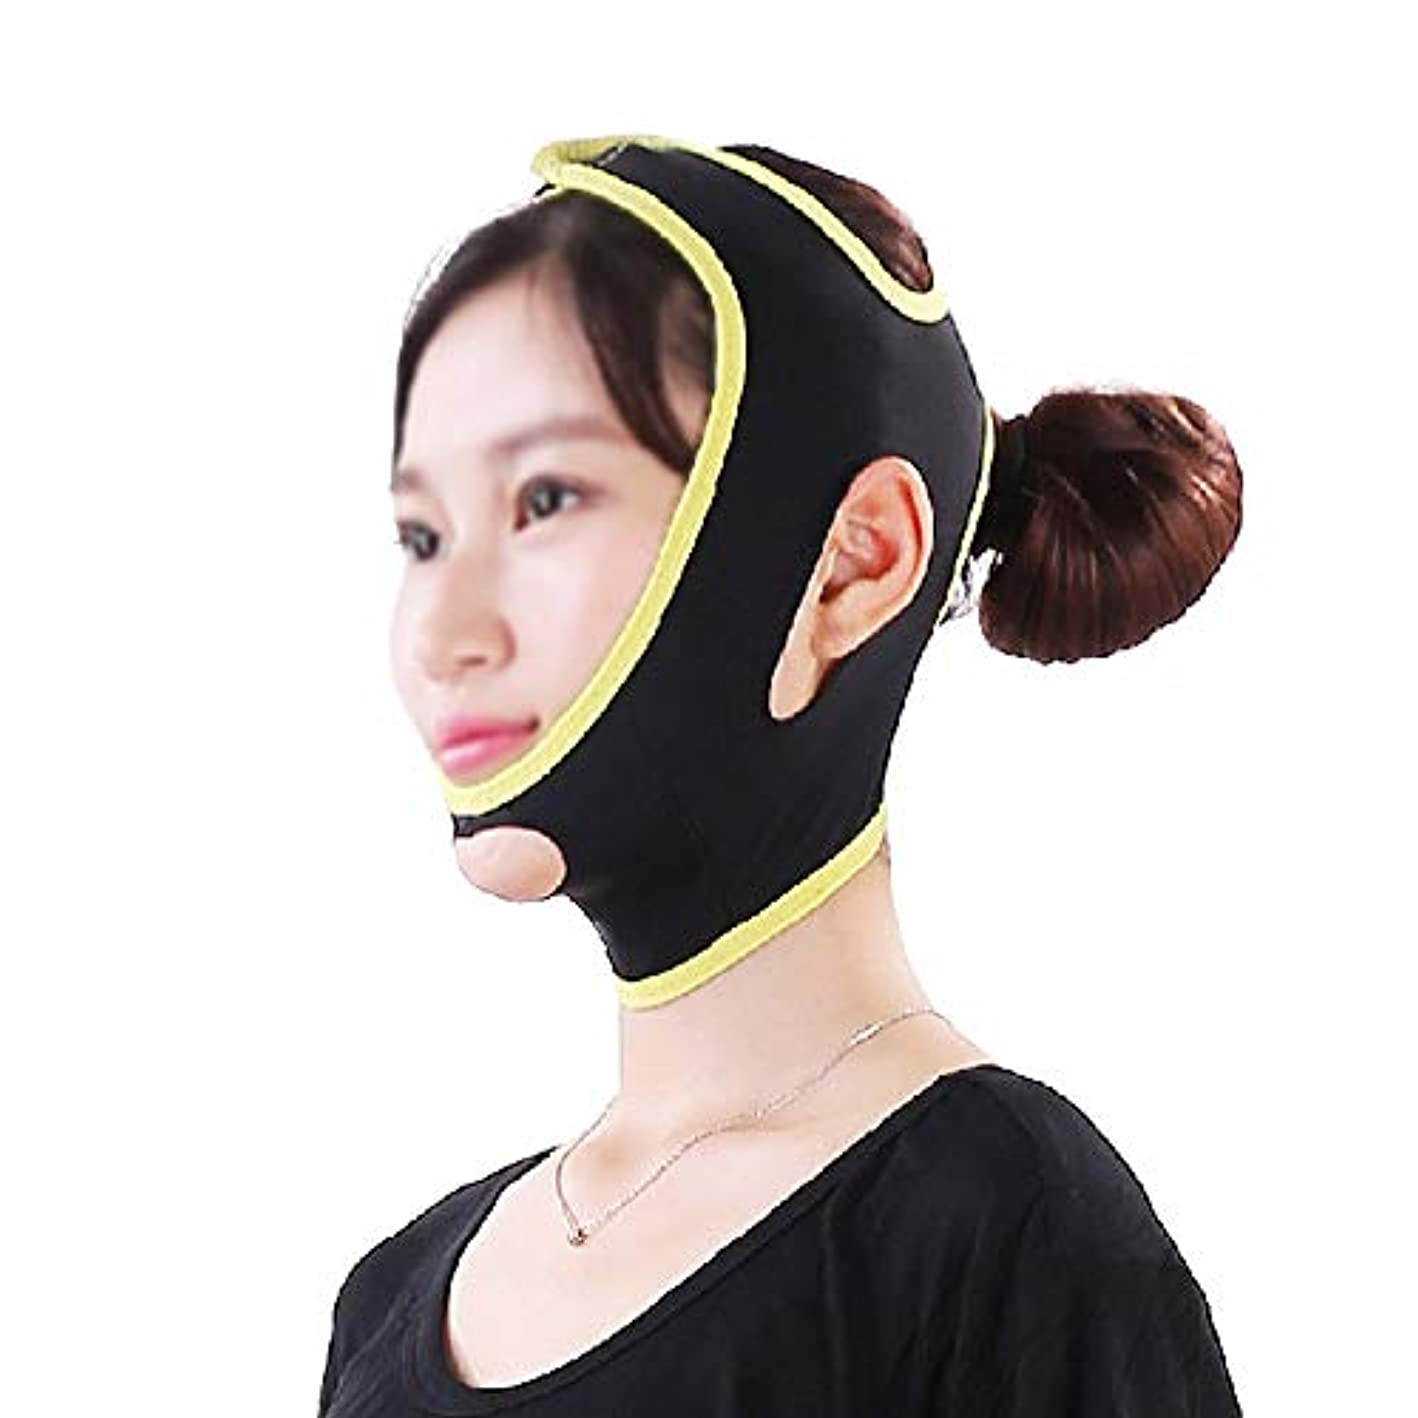 XHLMRMJ 顔と首のリフト、Vフェイスマスクは顔面の輪郭を強調し、咬筋の引き締めあごの超弾性包帯を和らげます (Size : L)